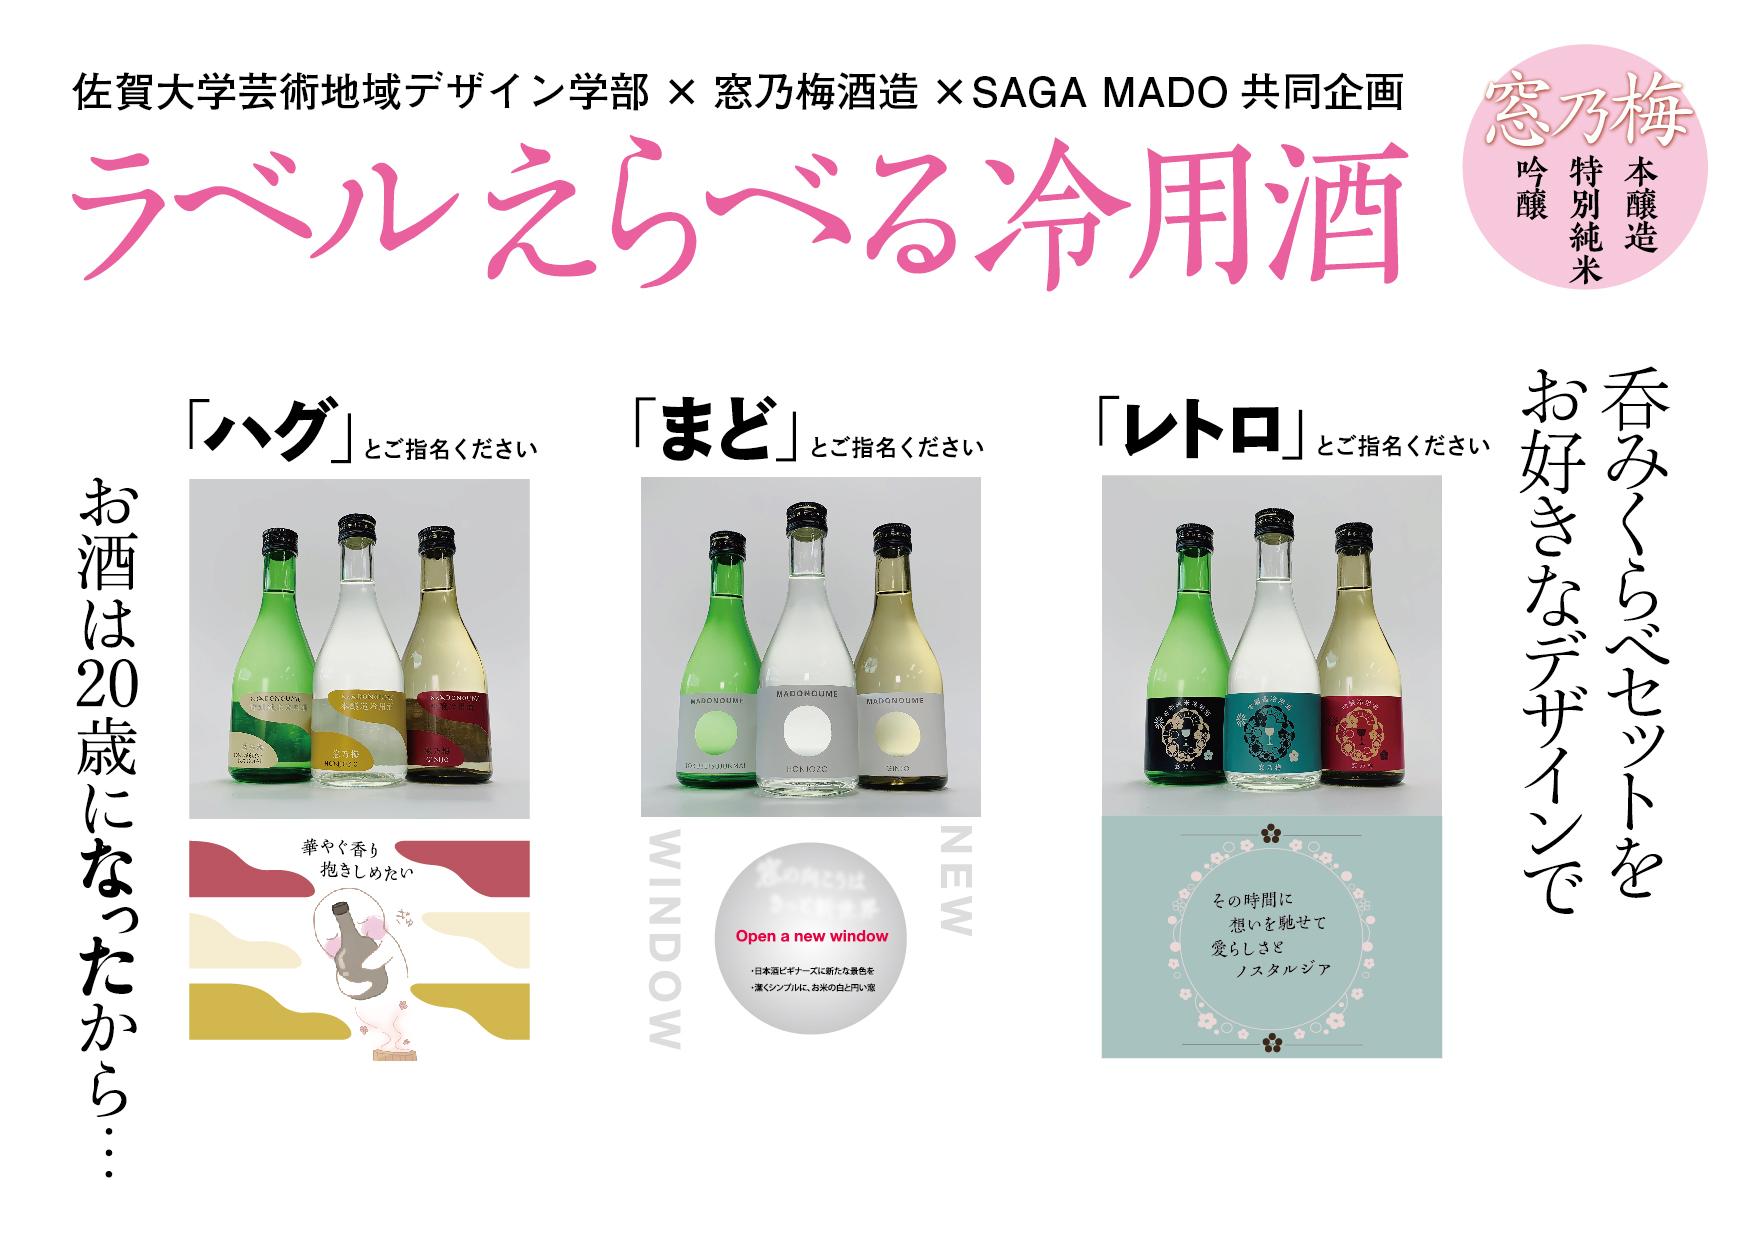 産学官連携で開発!「日本酒ラベル総選挙」人気トップ3をSAGA MADO で6月24日より発売開始!